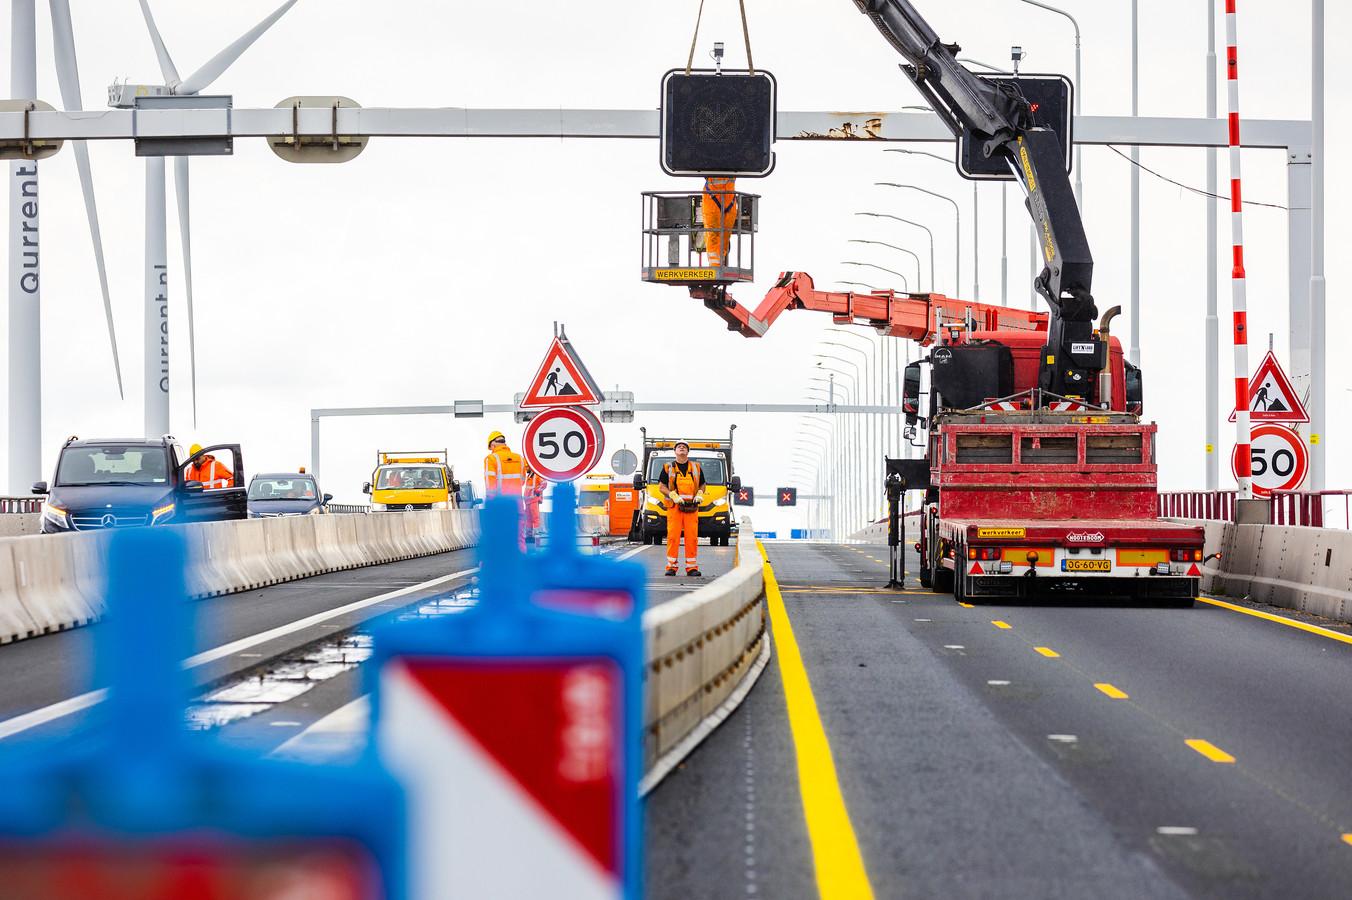 De werkzaamheden op de Haringvlietbrug gaan van start. Een nieuwe maximumsnelheid wordt ingevoerd. Daarnaast zijn de rijstroken van de Haringvlietbrug in beide richtingen versmald.